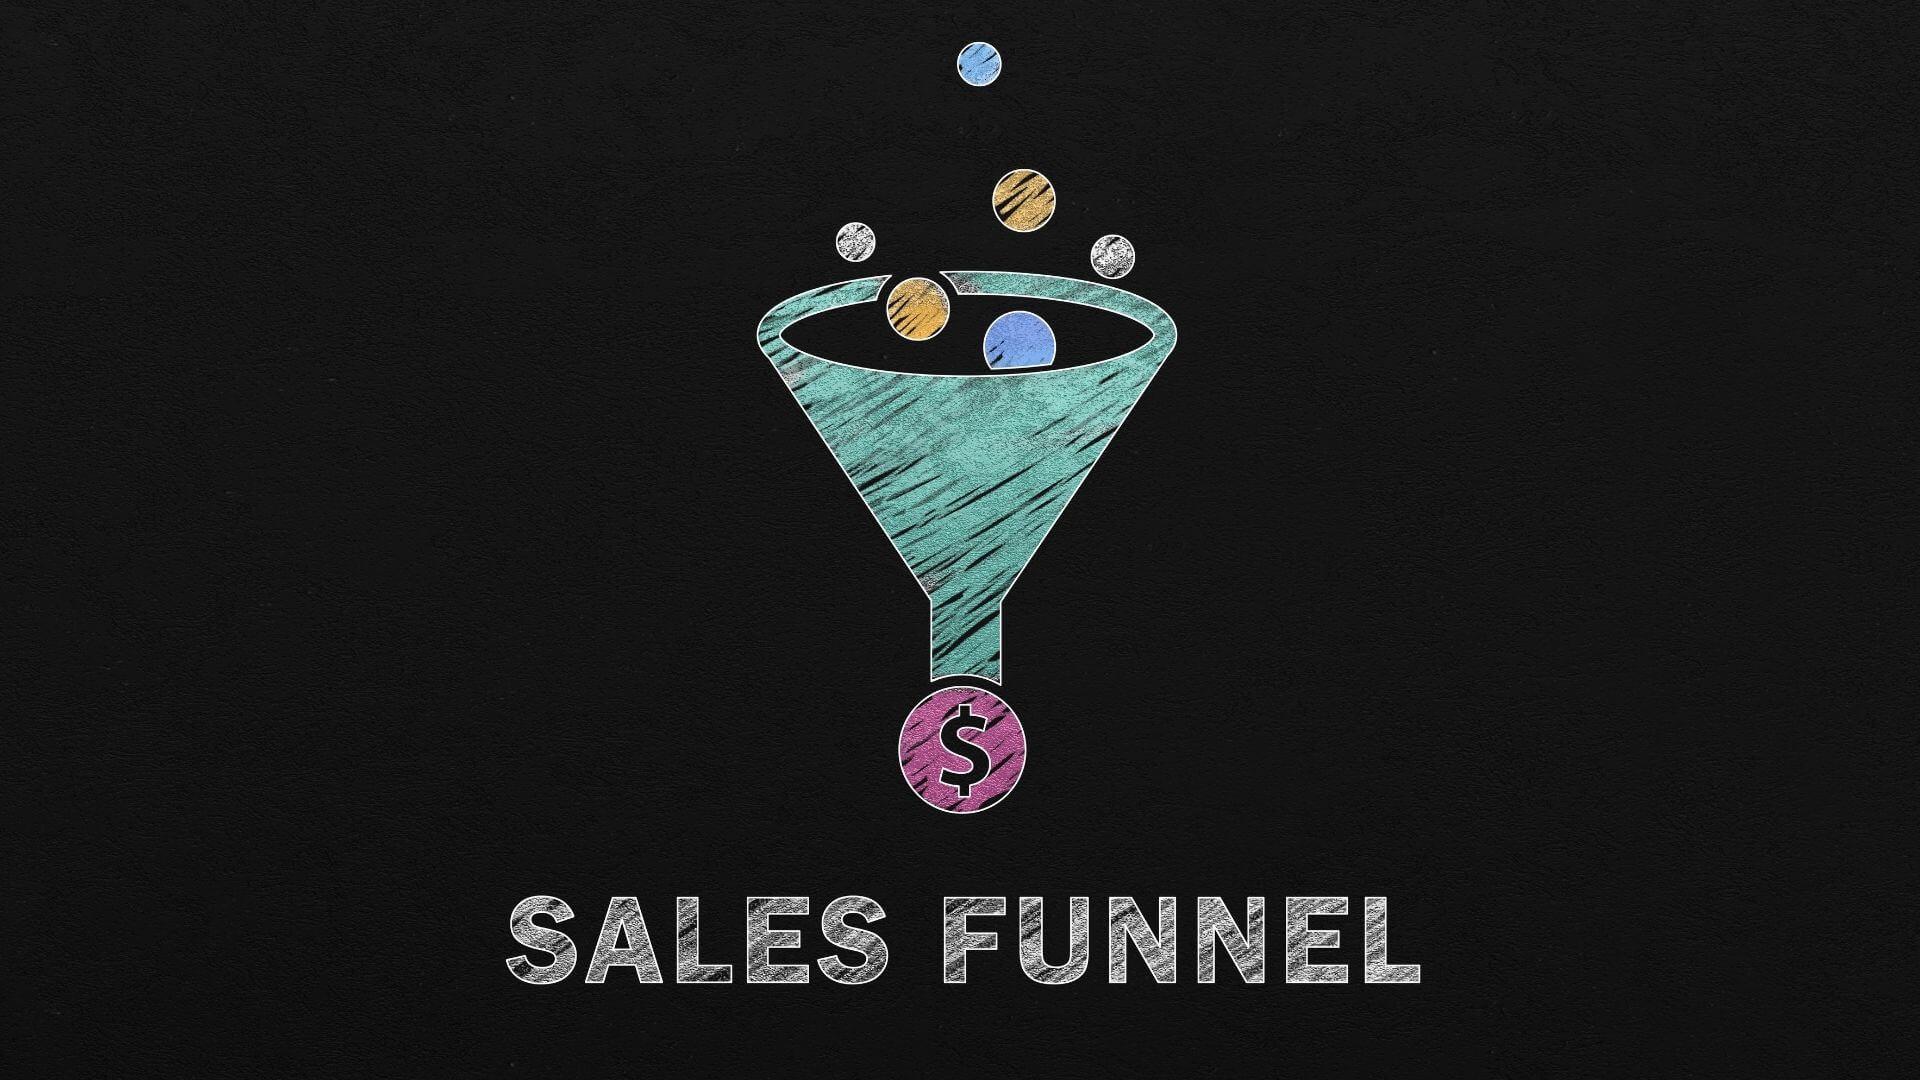 jornada do cliente o que é funil de vendas